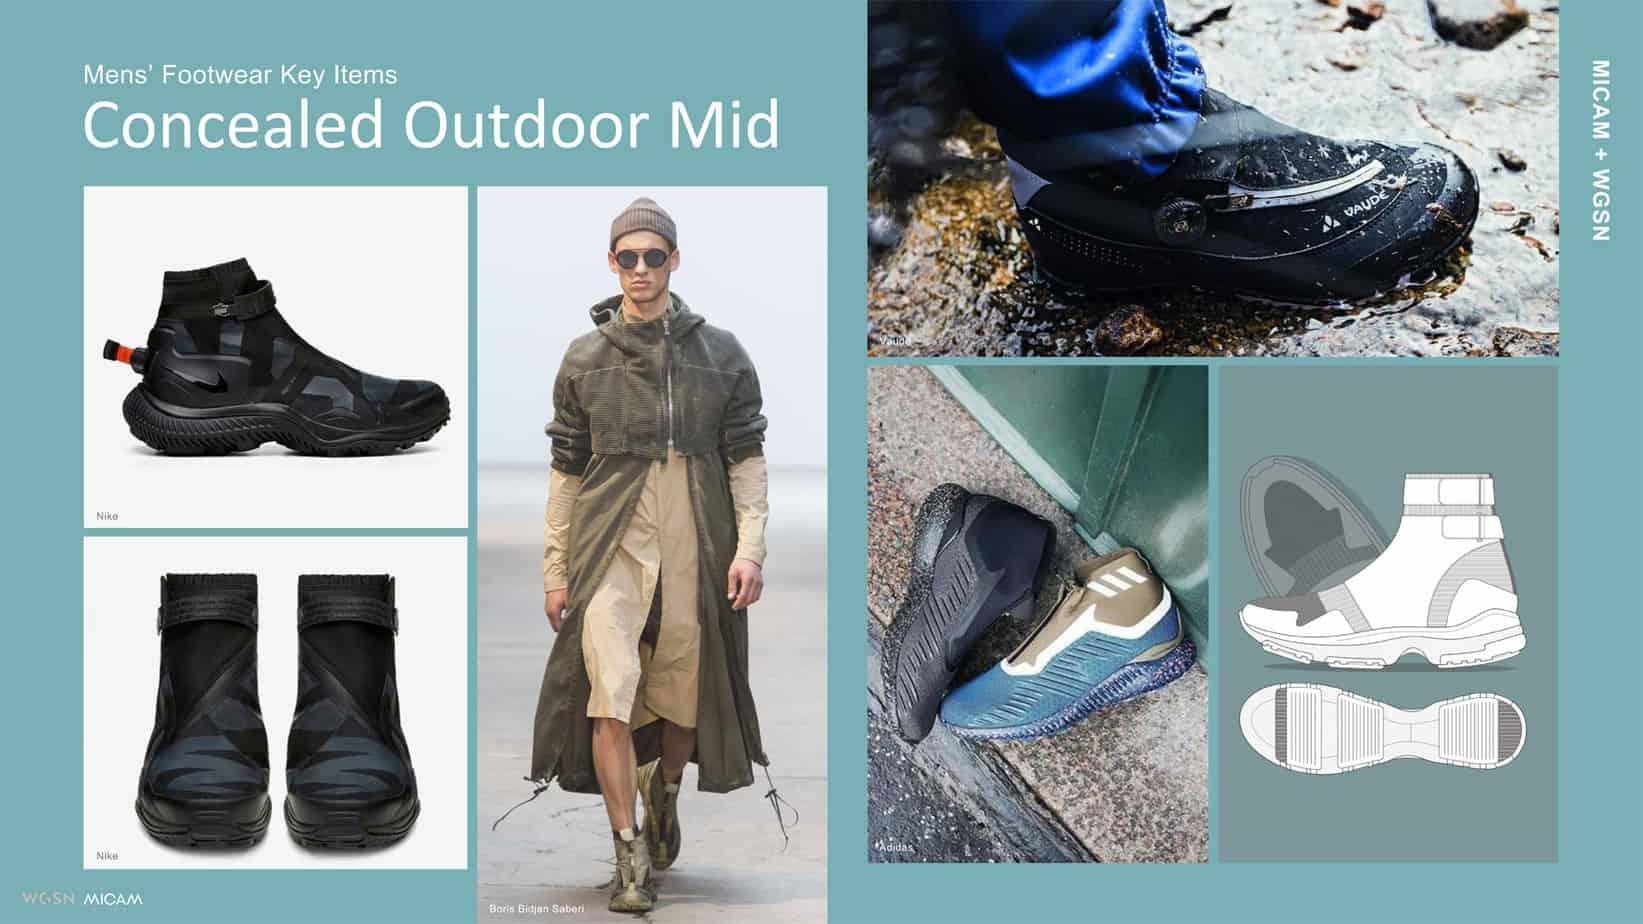 Mens' Footwear Key Items Concealed Outdoor Mid